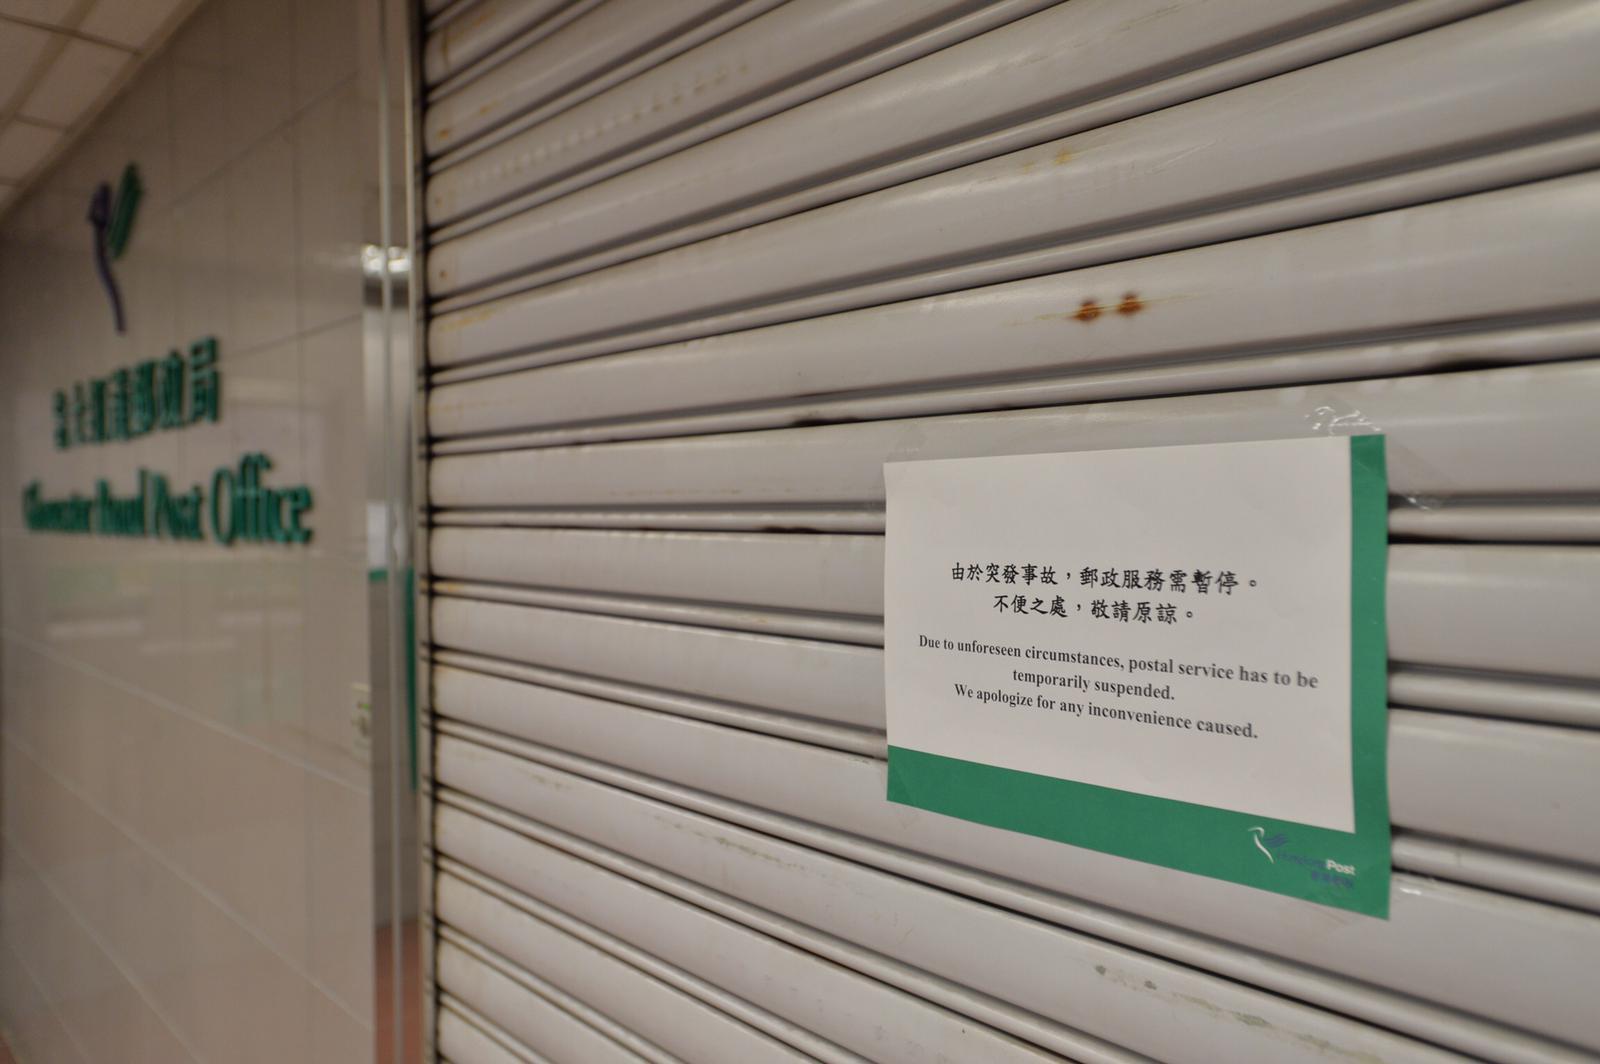 稅務大樓內的郵局亦關閉。